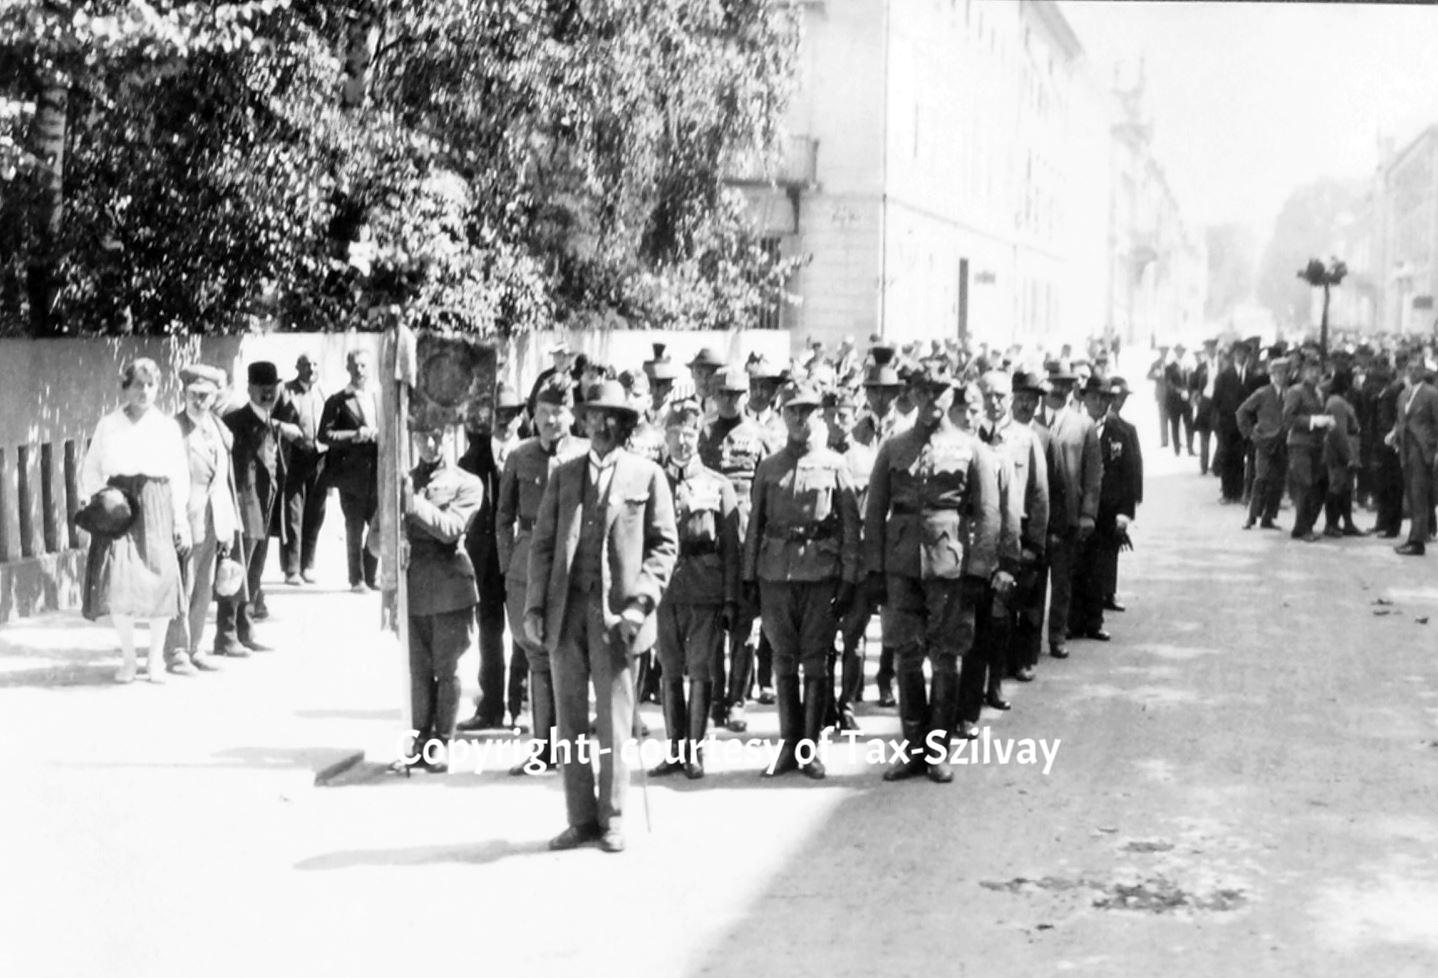 Veteranentreffen in Graz, verm. in den 1930ern mit Original-Standarte DR 5